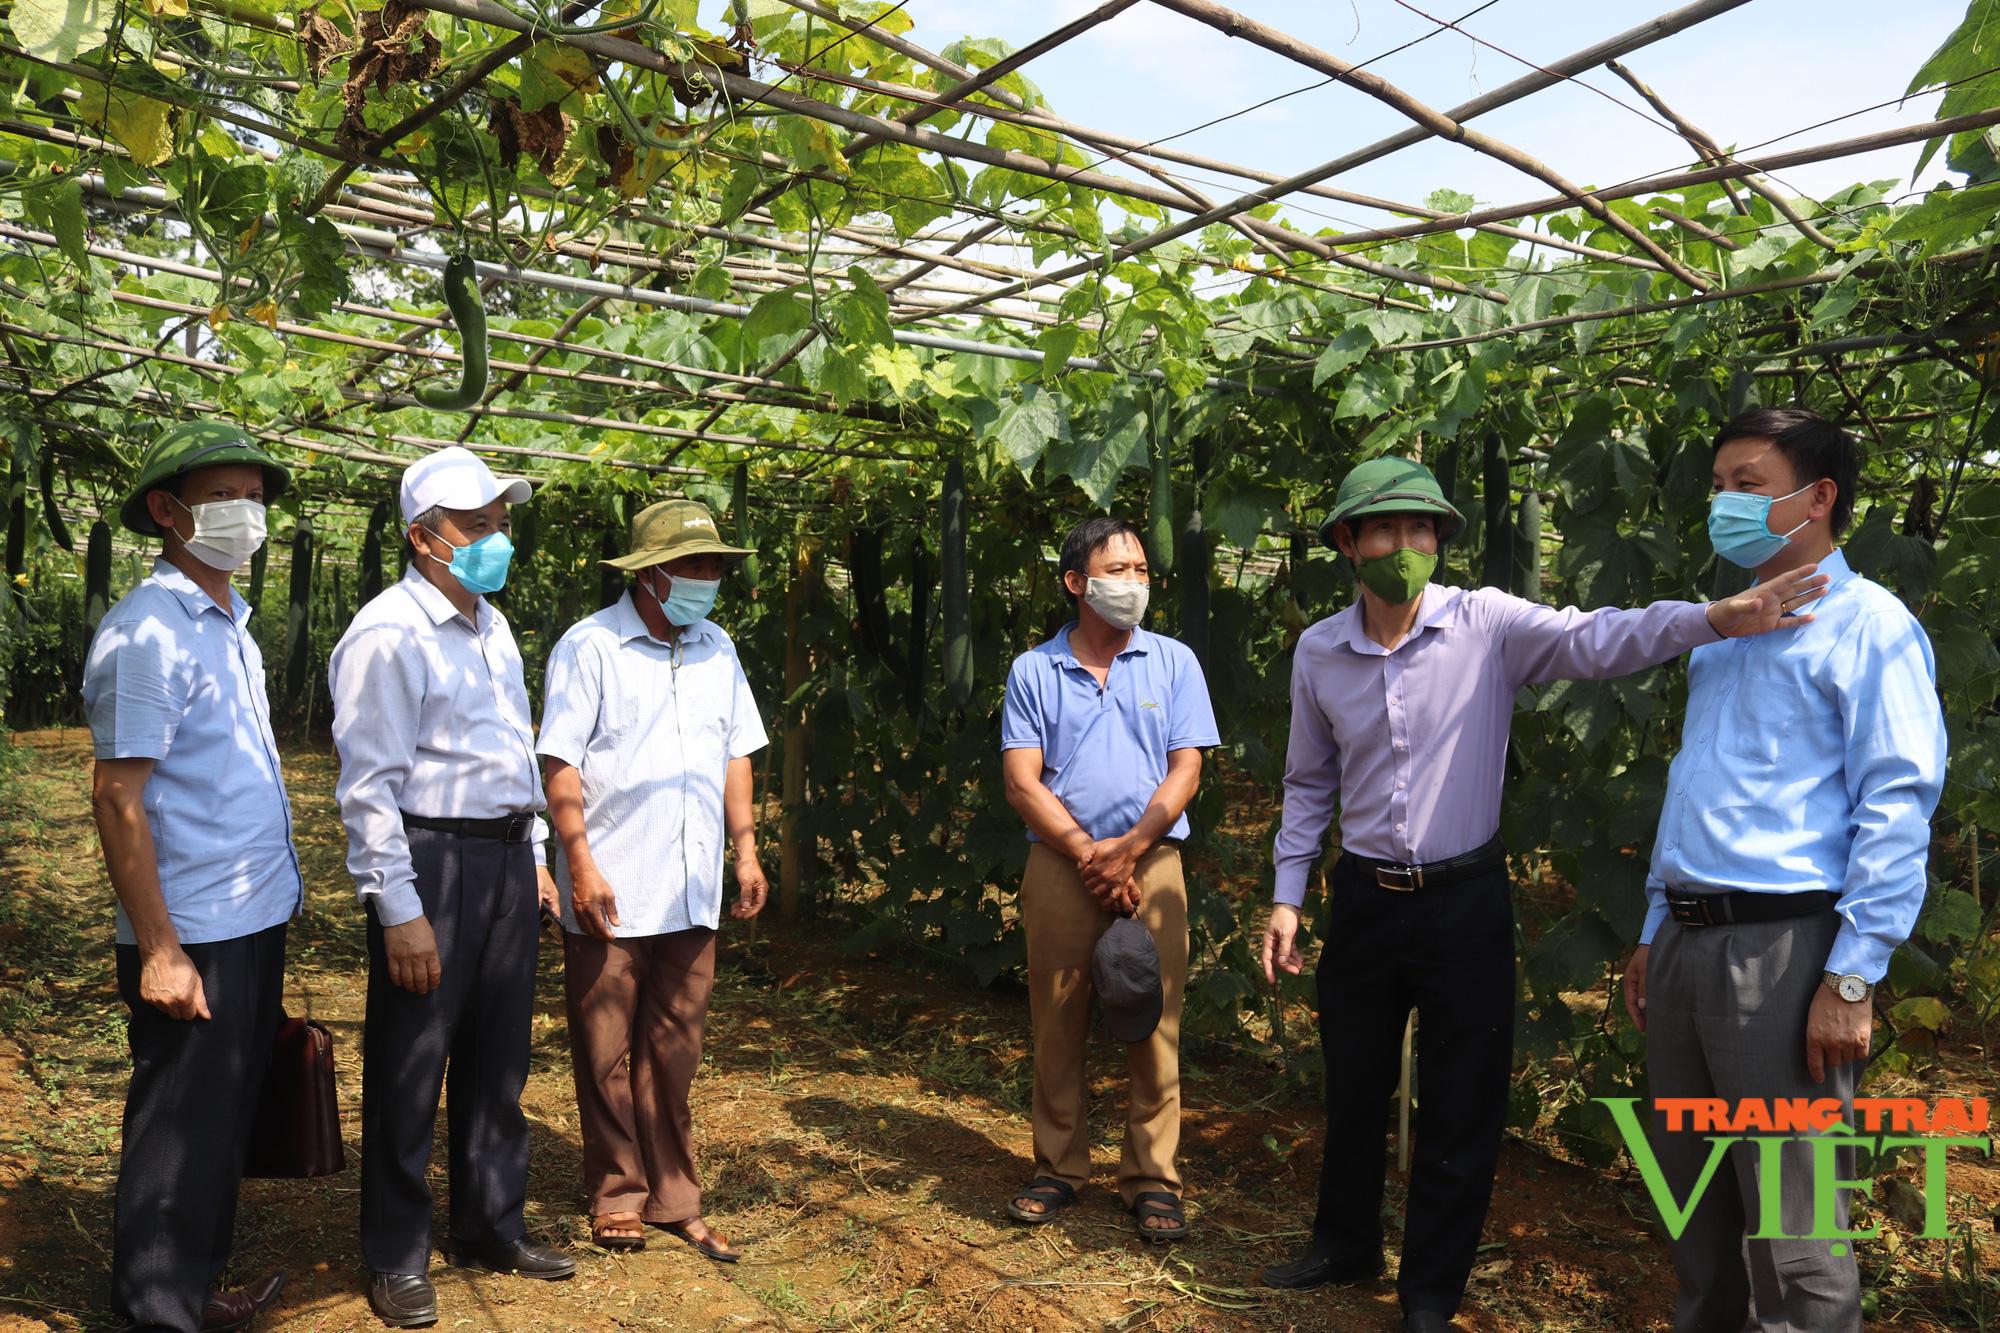 Sơn La: Hiệu quả mô hình sản xuất rau an toàn trái vụ theo hướng hữu cơ  - Ảnh 4.